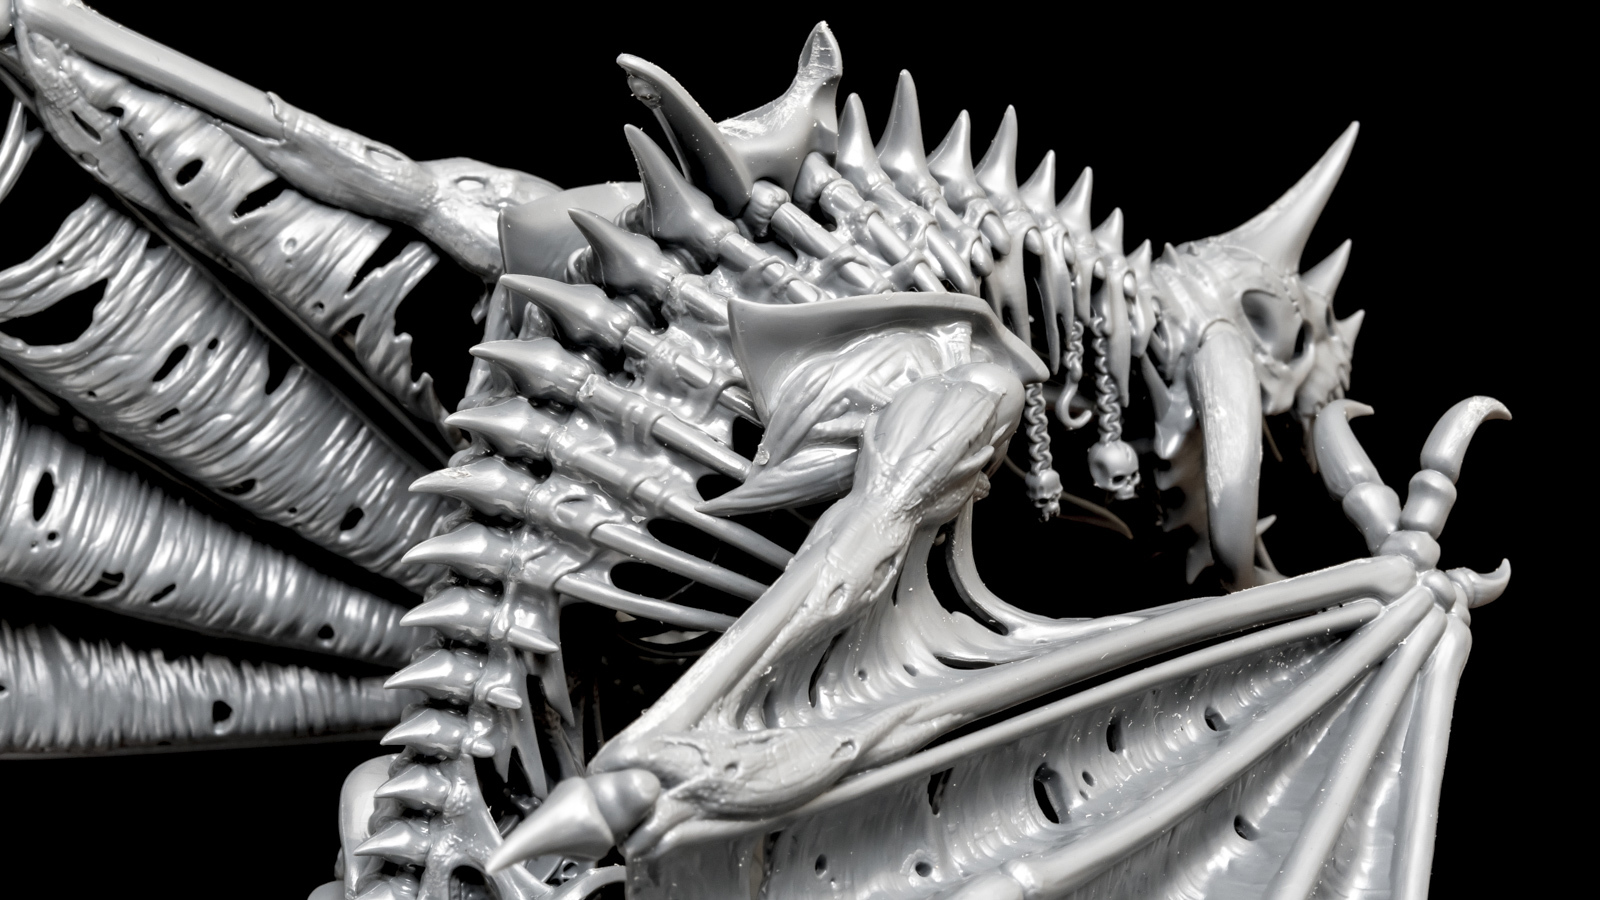 キミは腐ったドラゴンのプラモデルを組んだことがあるか(前編)_b0029315_23392066.jpg